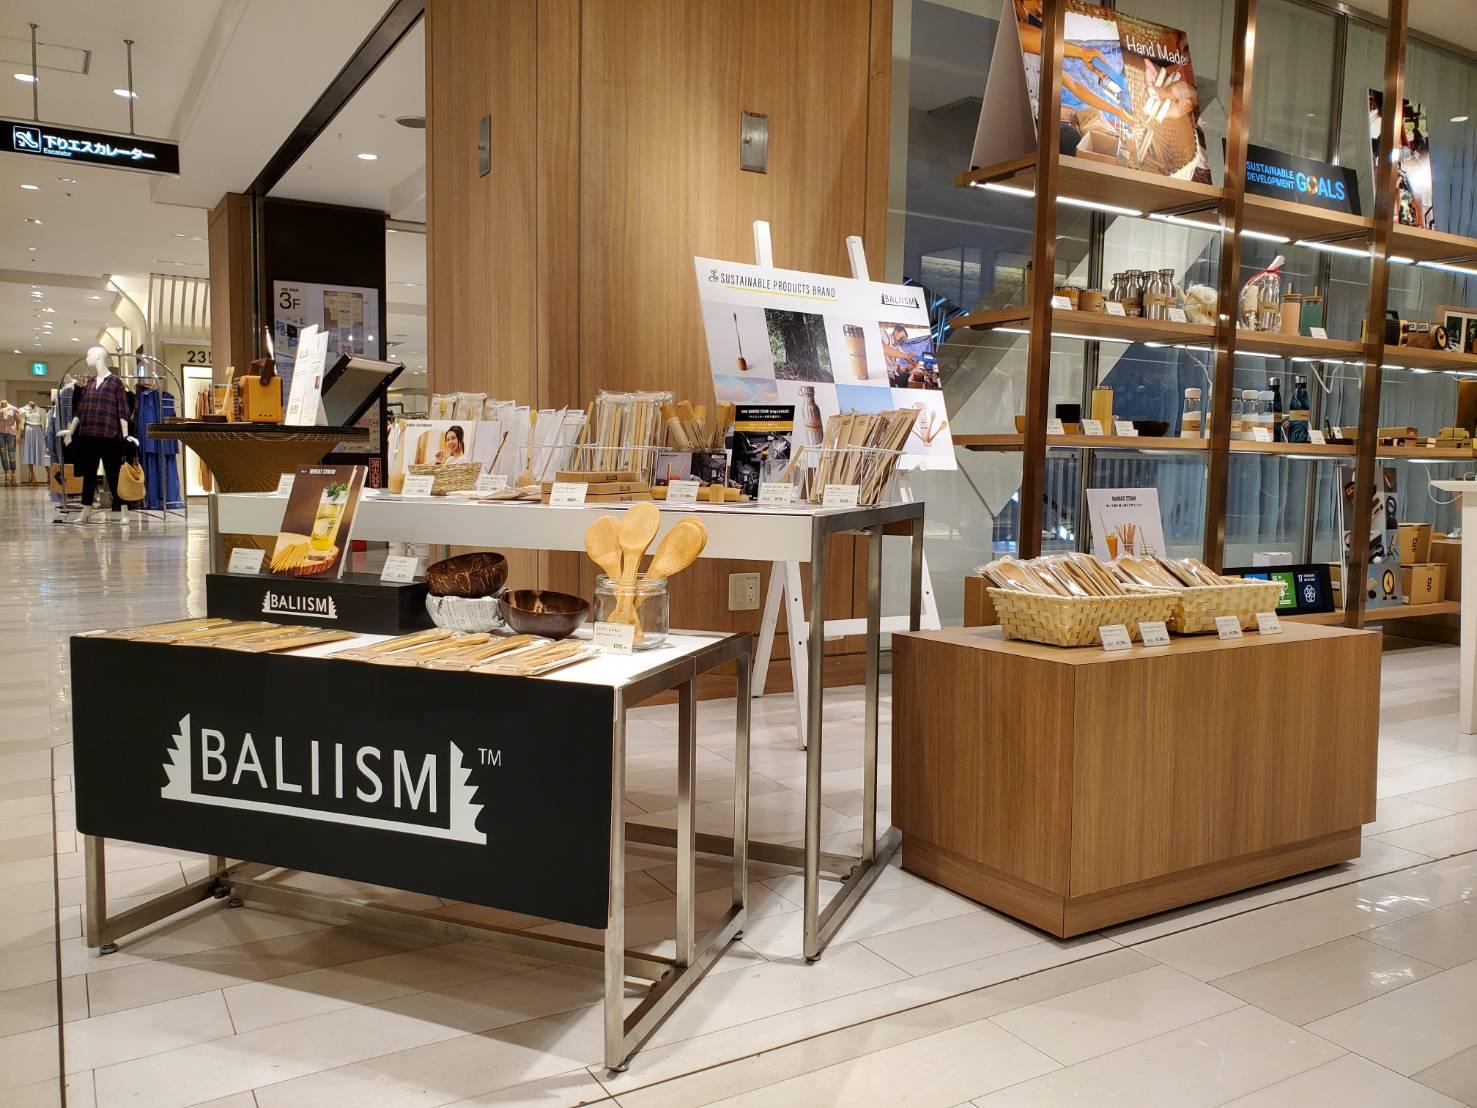 玉川高島屋でPOPUP開催中!BALIISMの商品が期間限定で購入できます!